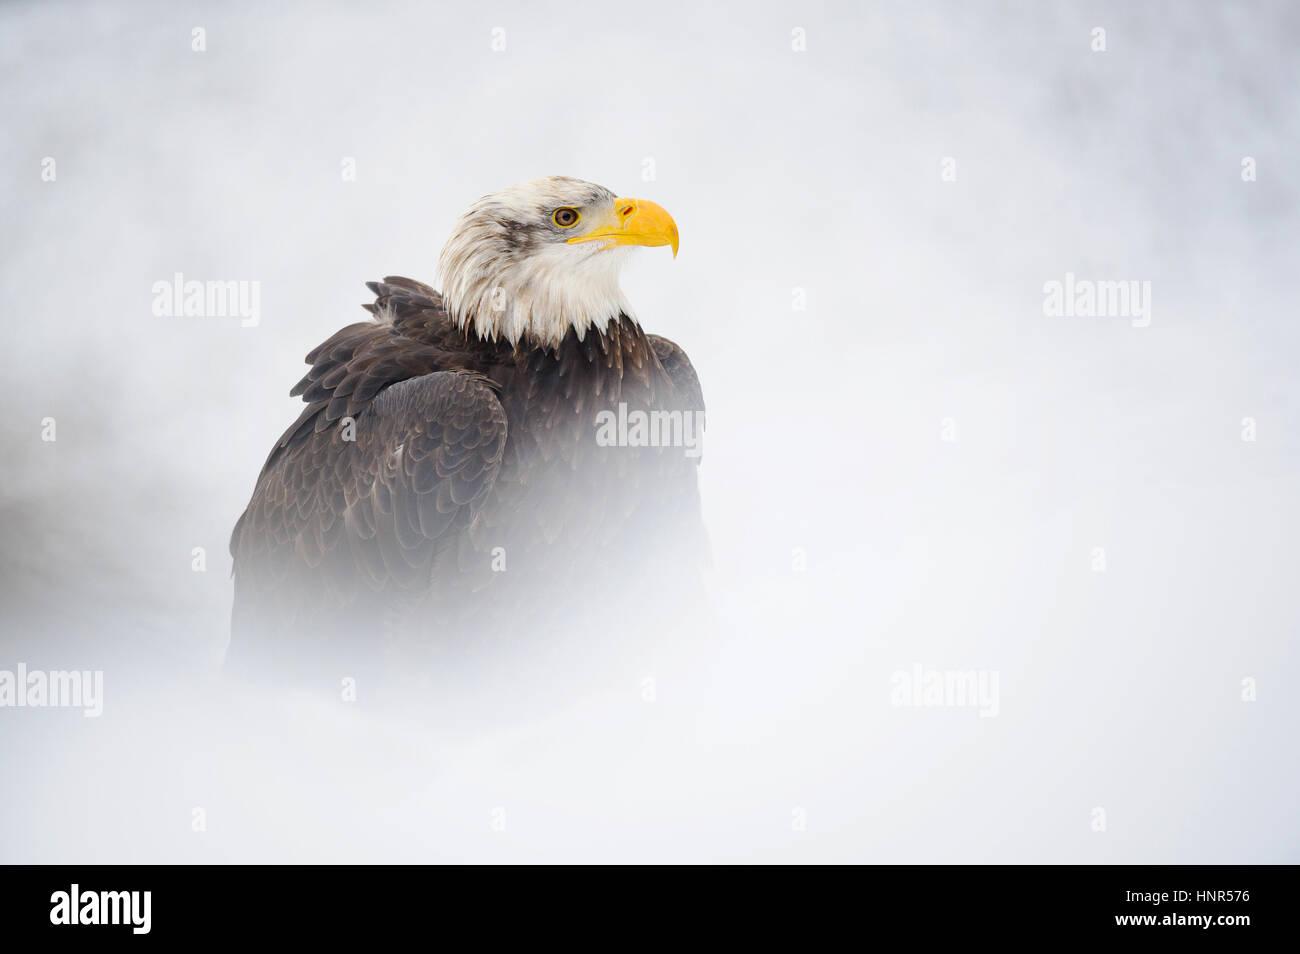 Aquila calva ritratto in inverno con neve intorno Immagini Stock